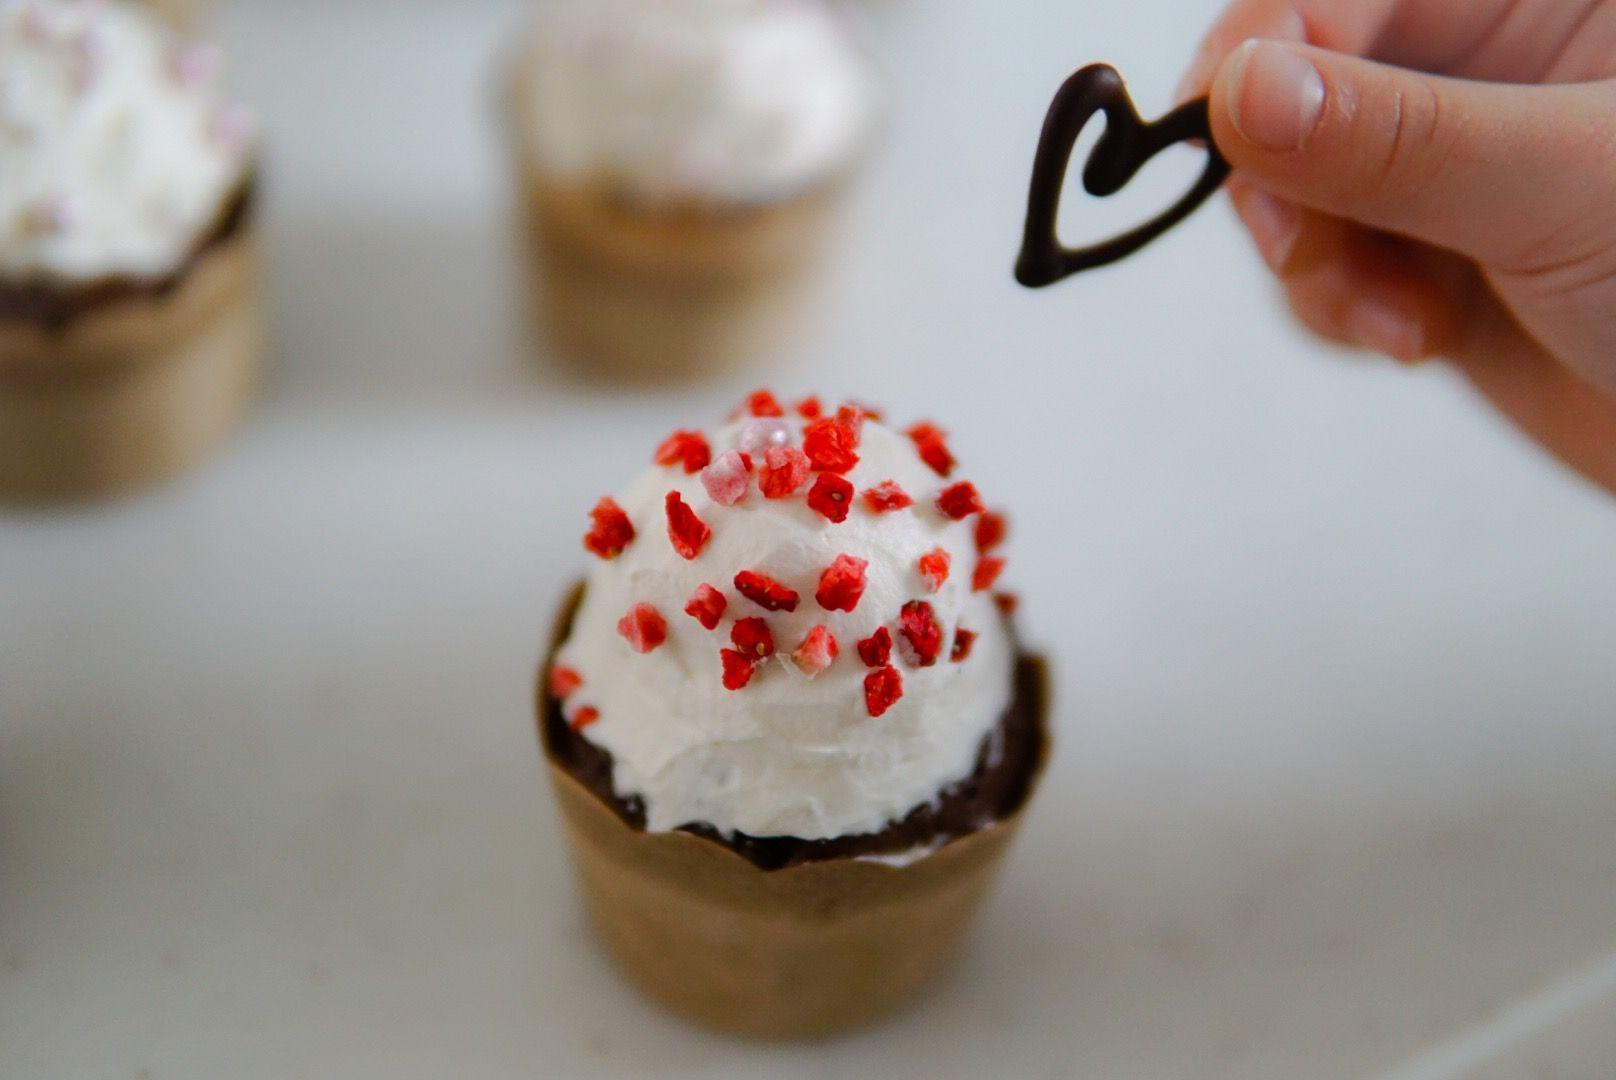 手作り かわいい バレンタイン